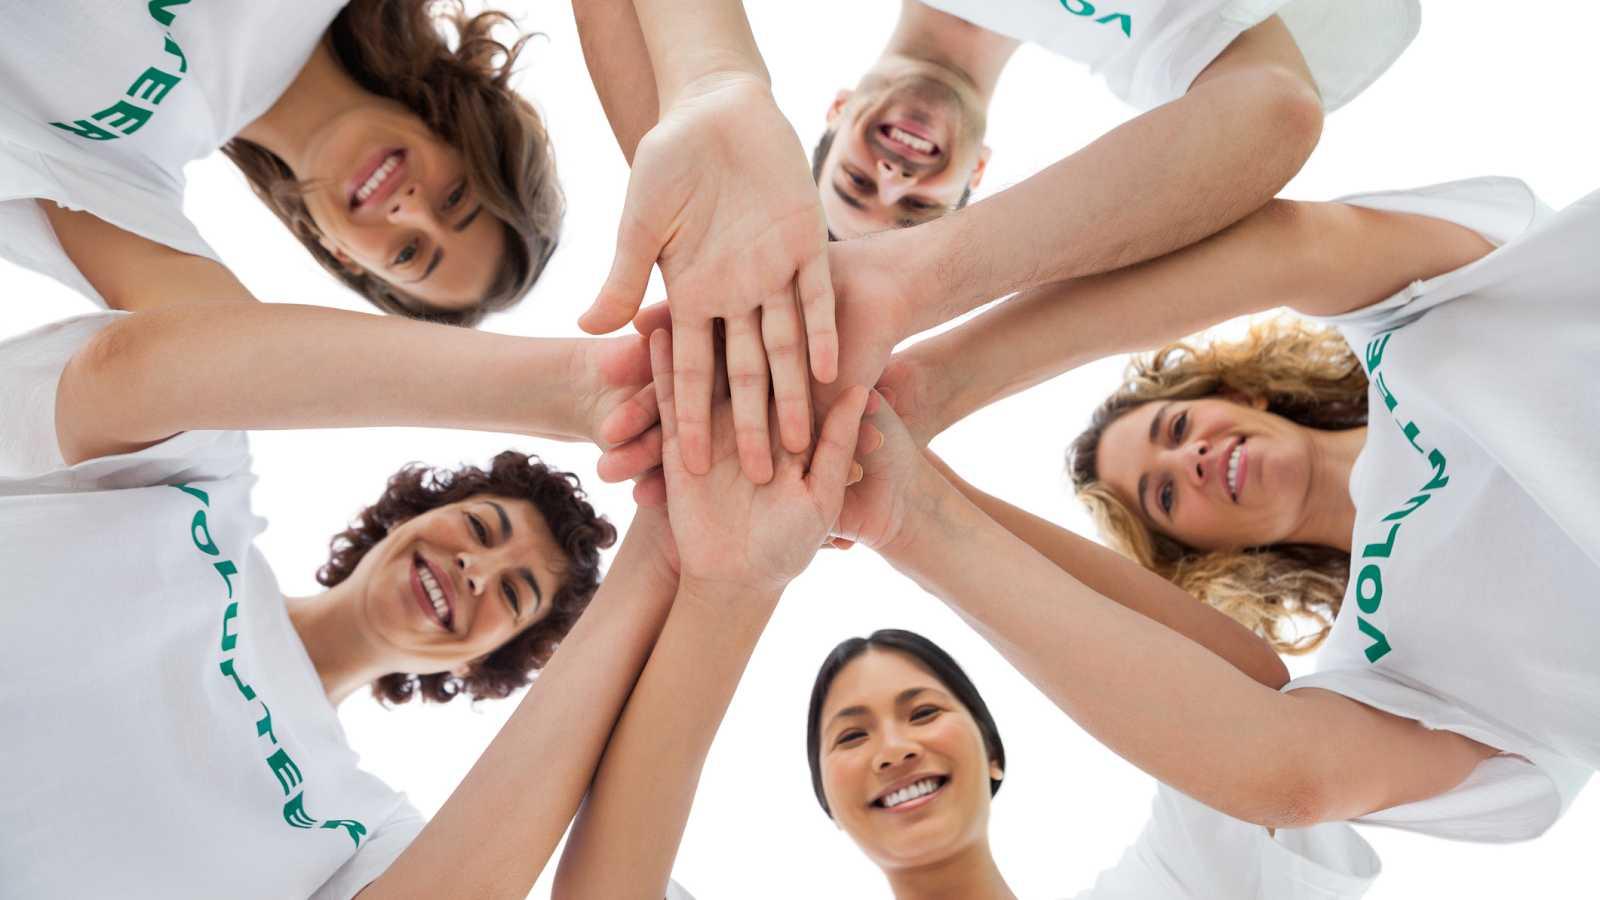 Salimos por el mundo - El voluntariado español en diferentes países del mundo - 05/12/16 - escuchar ahora